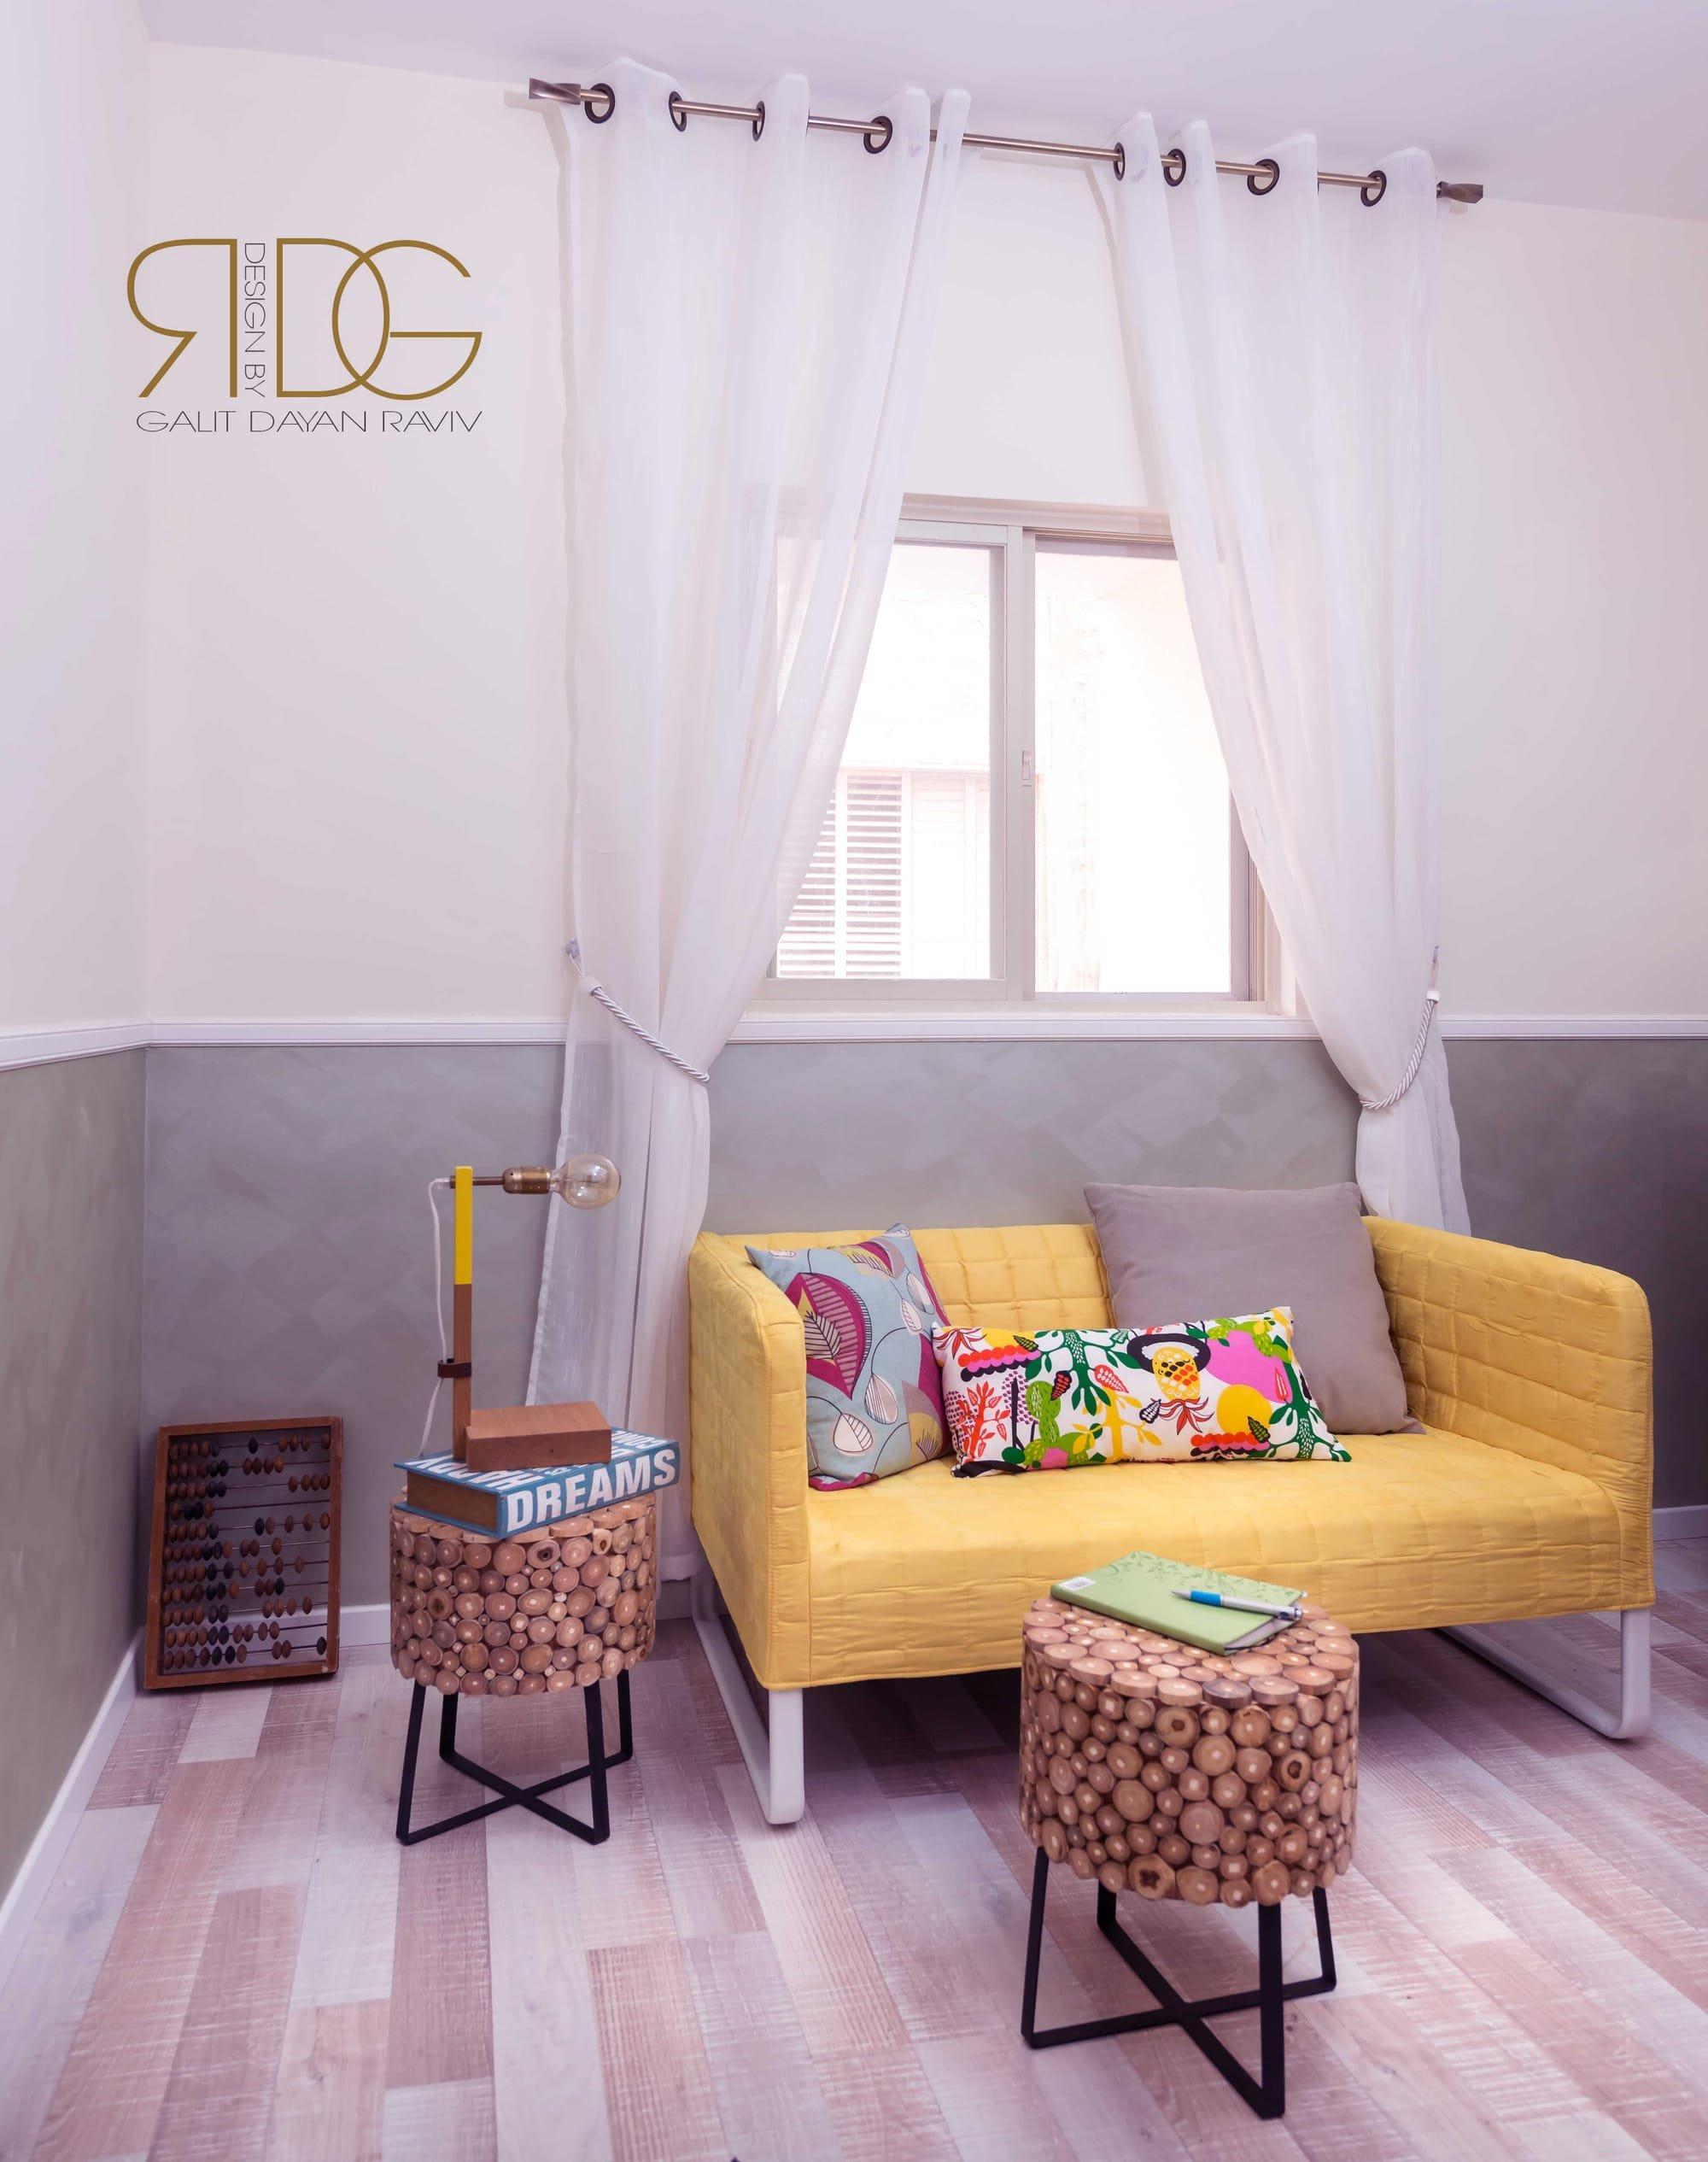 שלוב צבע וקרניזים בחדר אורחים